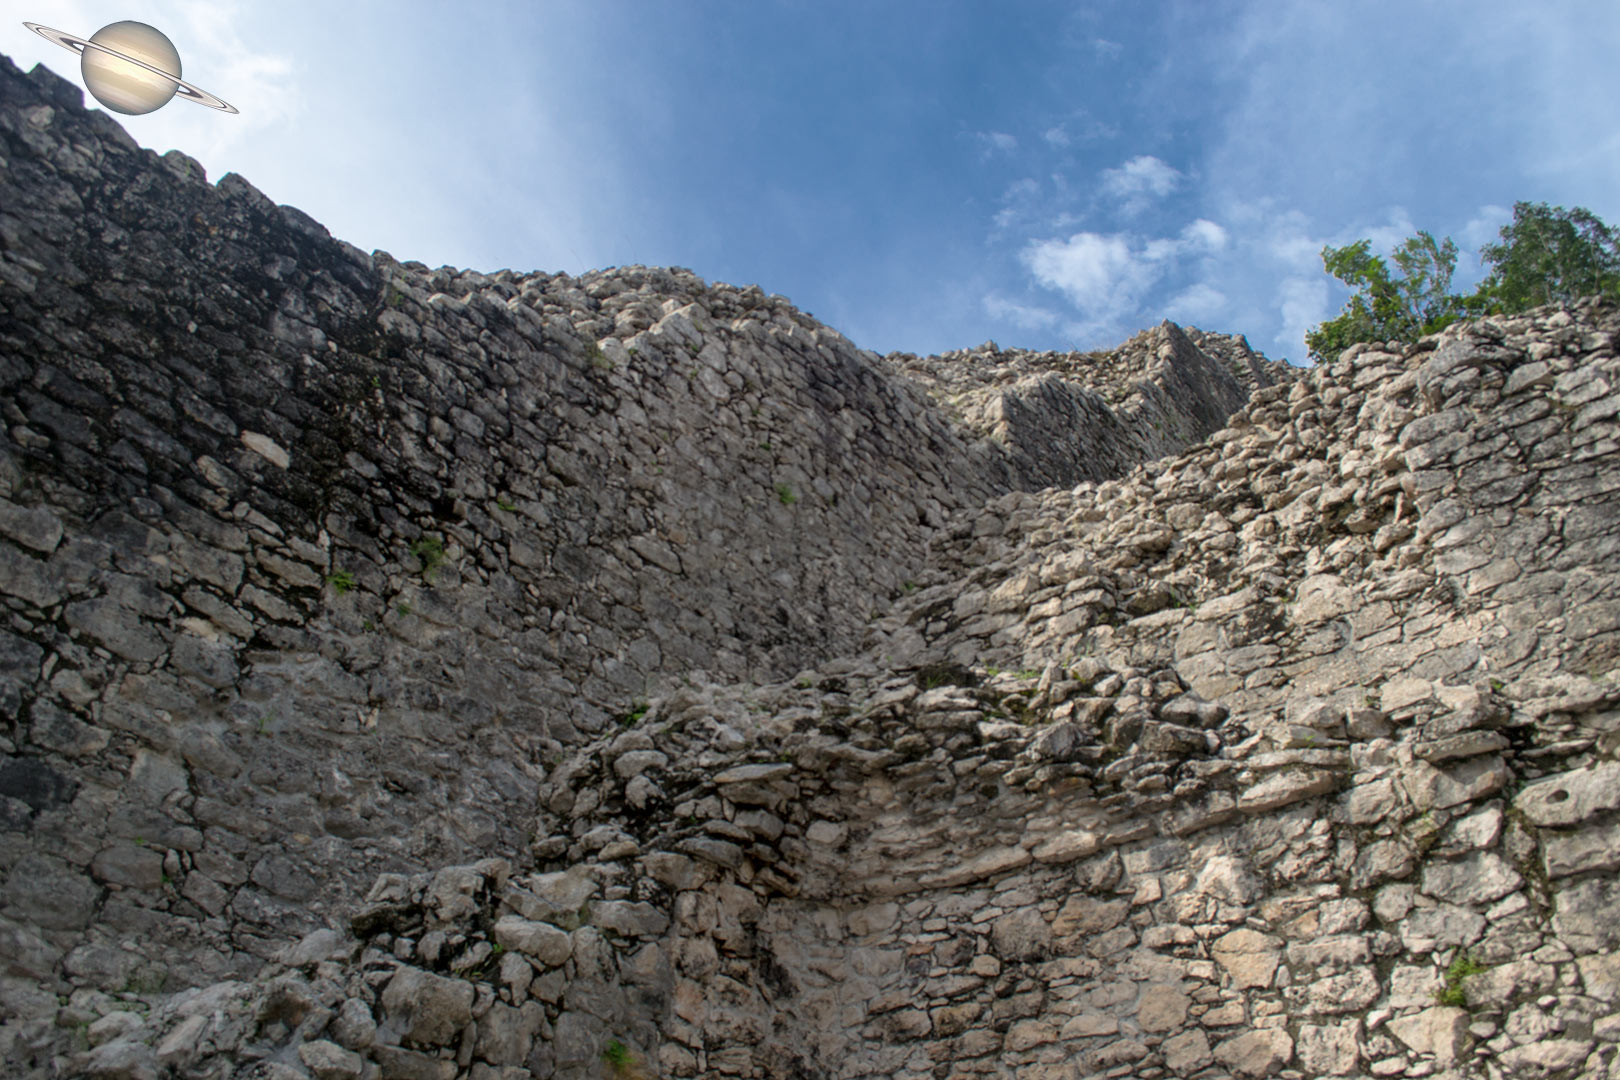 coba yucatan mexico 5 - Suba uma Pirâmide em Coba, Antiga Cidade Maia, México